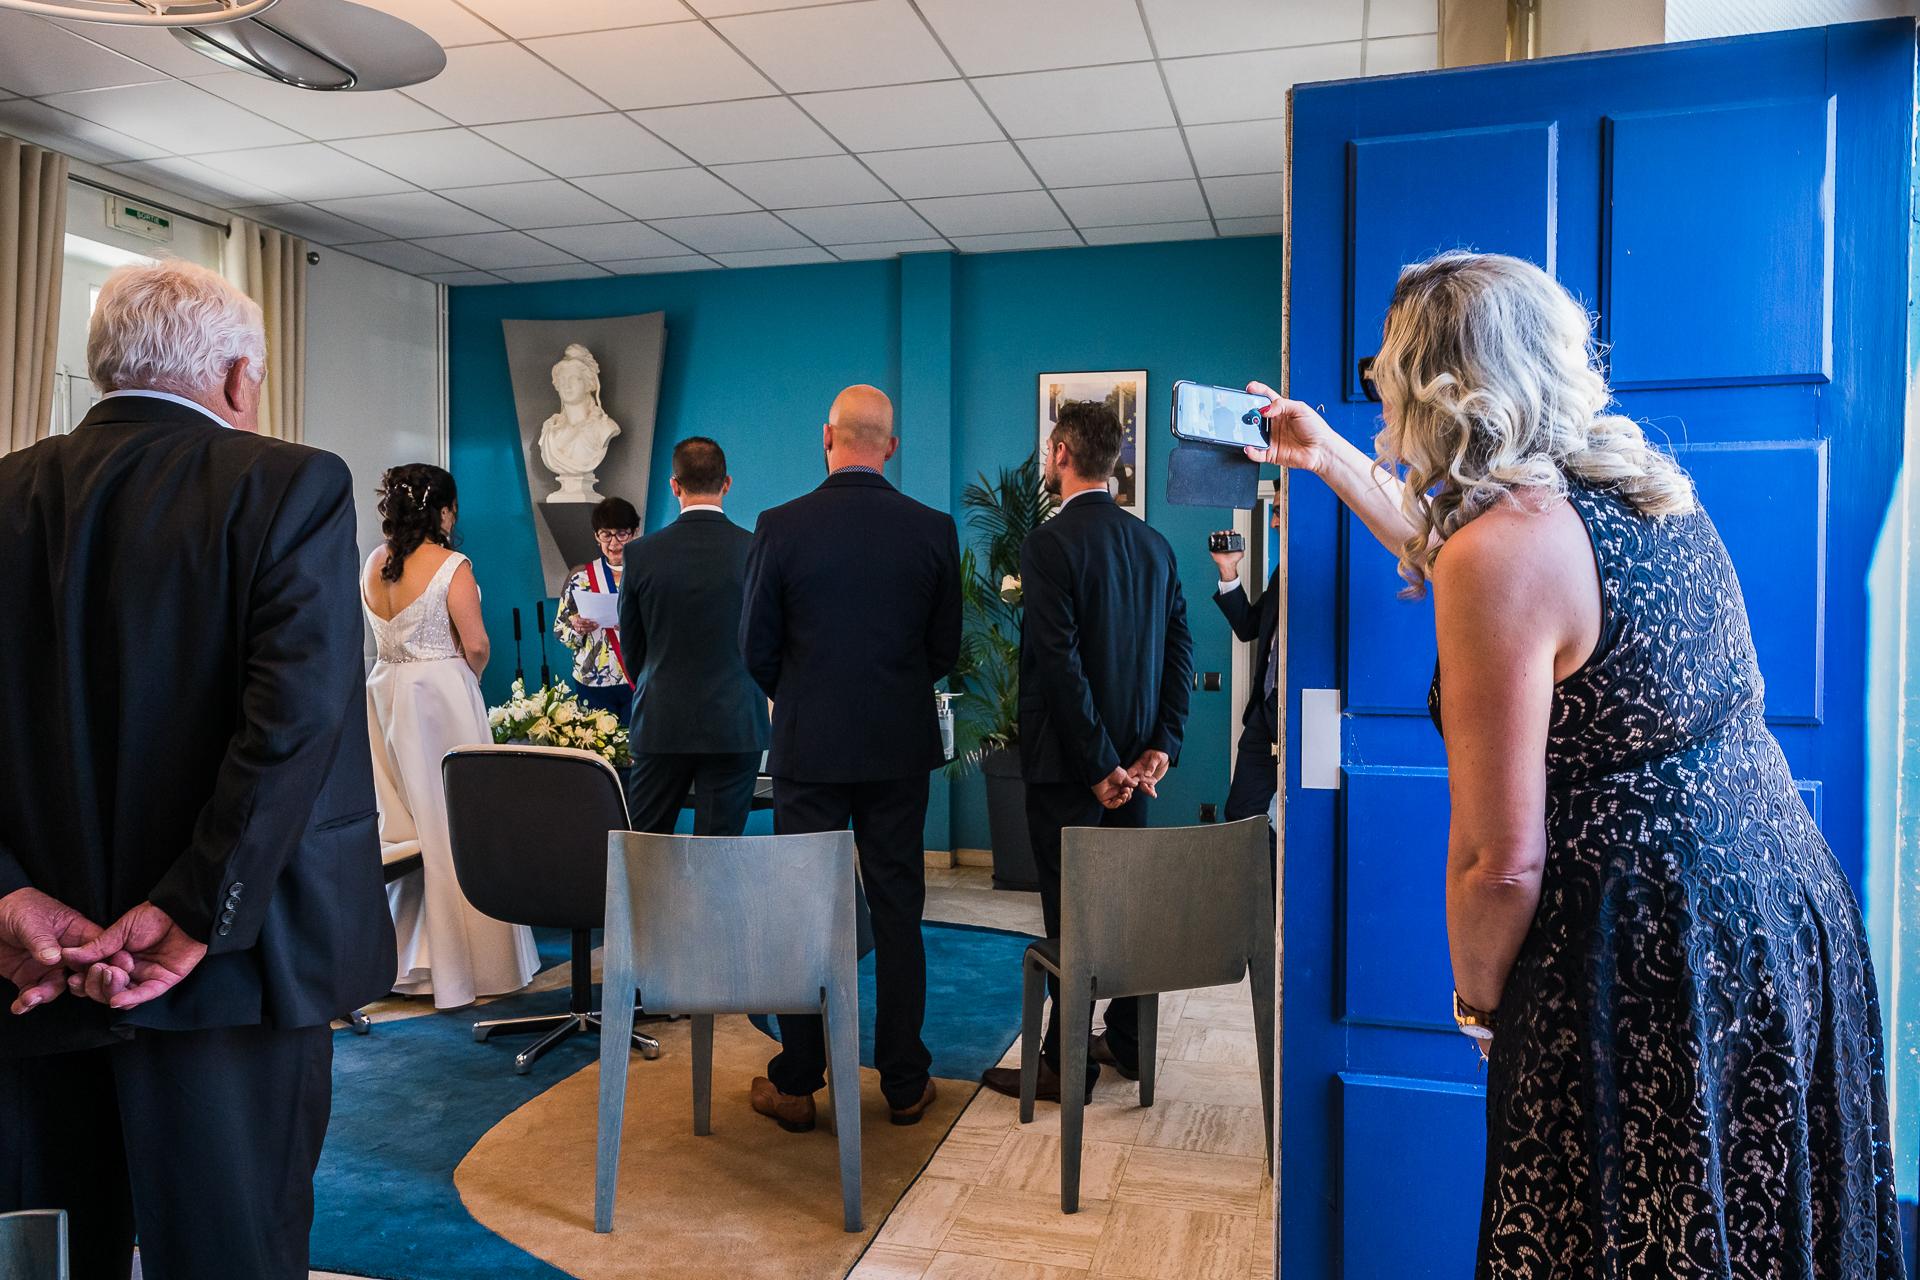 Frankreich Elopement standesamtliche Zeremonie Fotografie | Zu dieser Zeremonie waren maximal zehn Personen im Rathaus